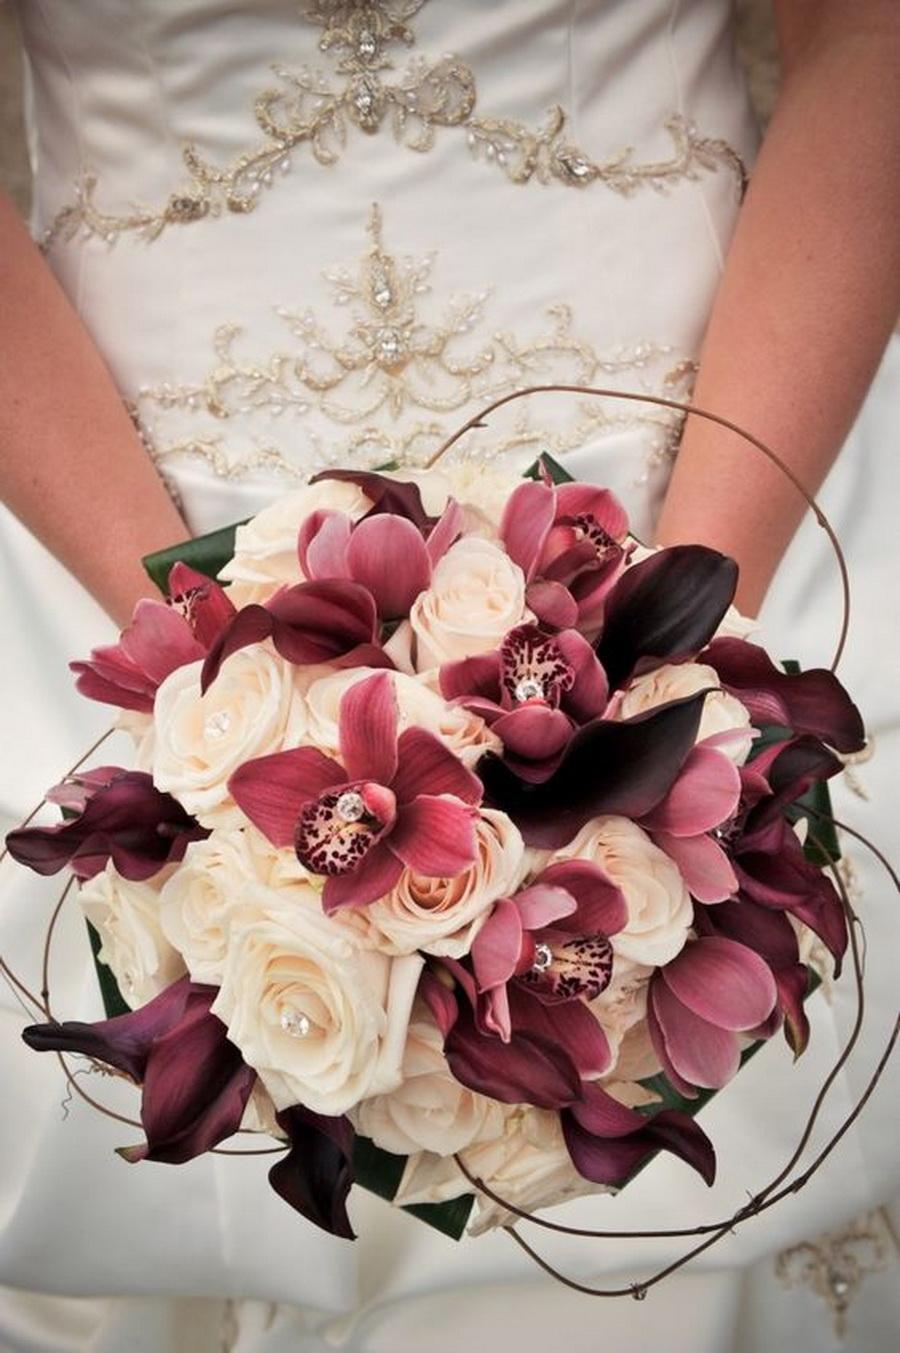 wedding bouquets, bridal, romantic bouquets, burgundy orchids orchid bouquet 10 Amazing Orchid Bouquets 14 8